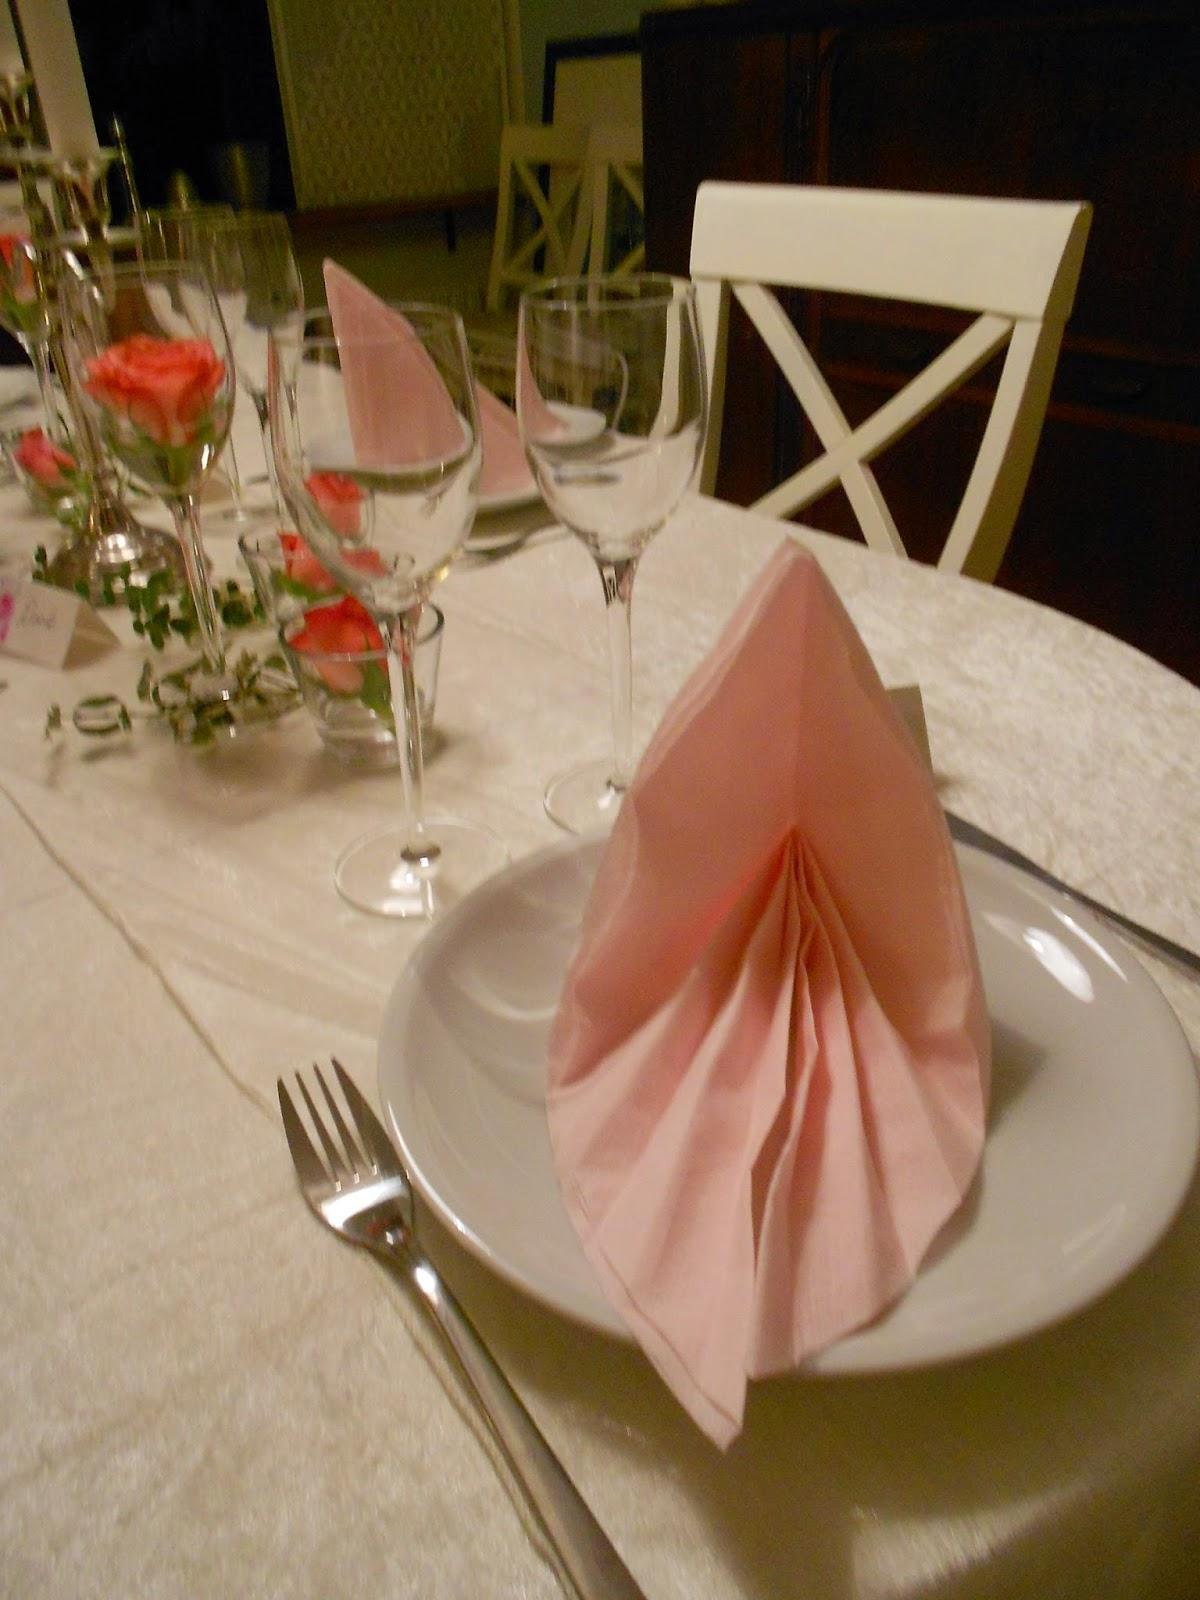 måder at folde servietter på